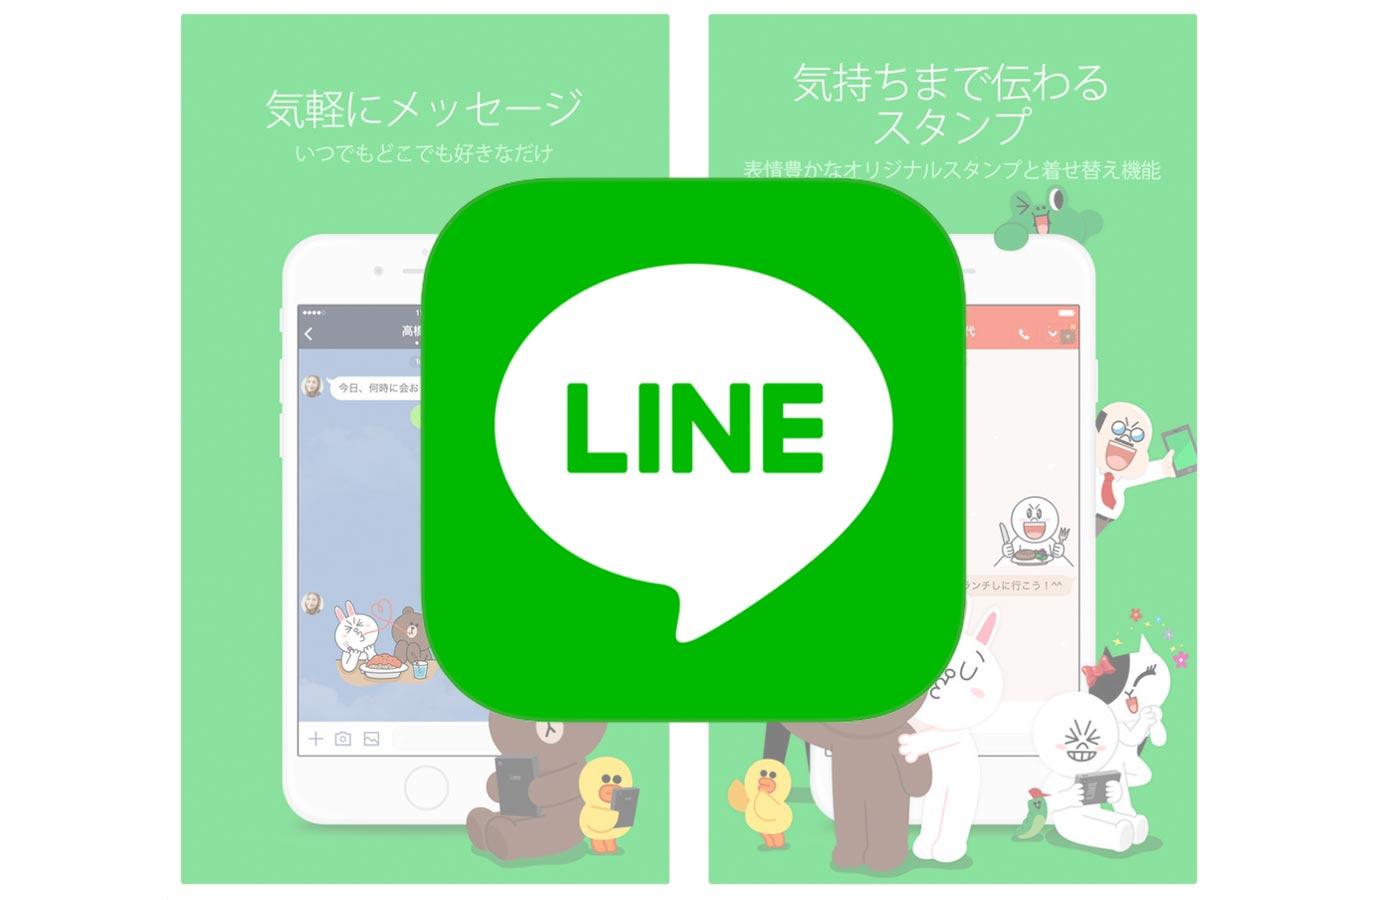 iOS向け「LINE」アプリがアップデートでついにiPhone Xのディスプレイサイズに対応